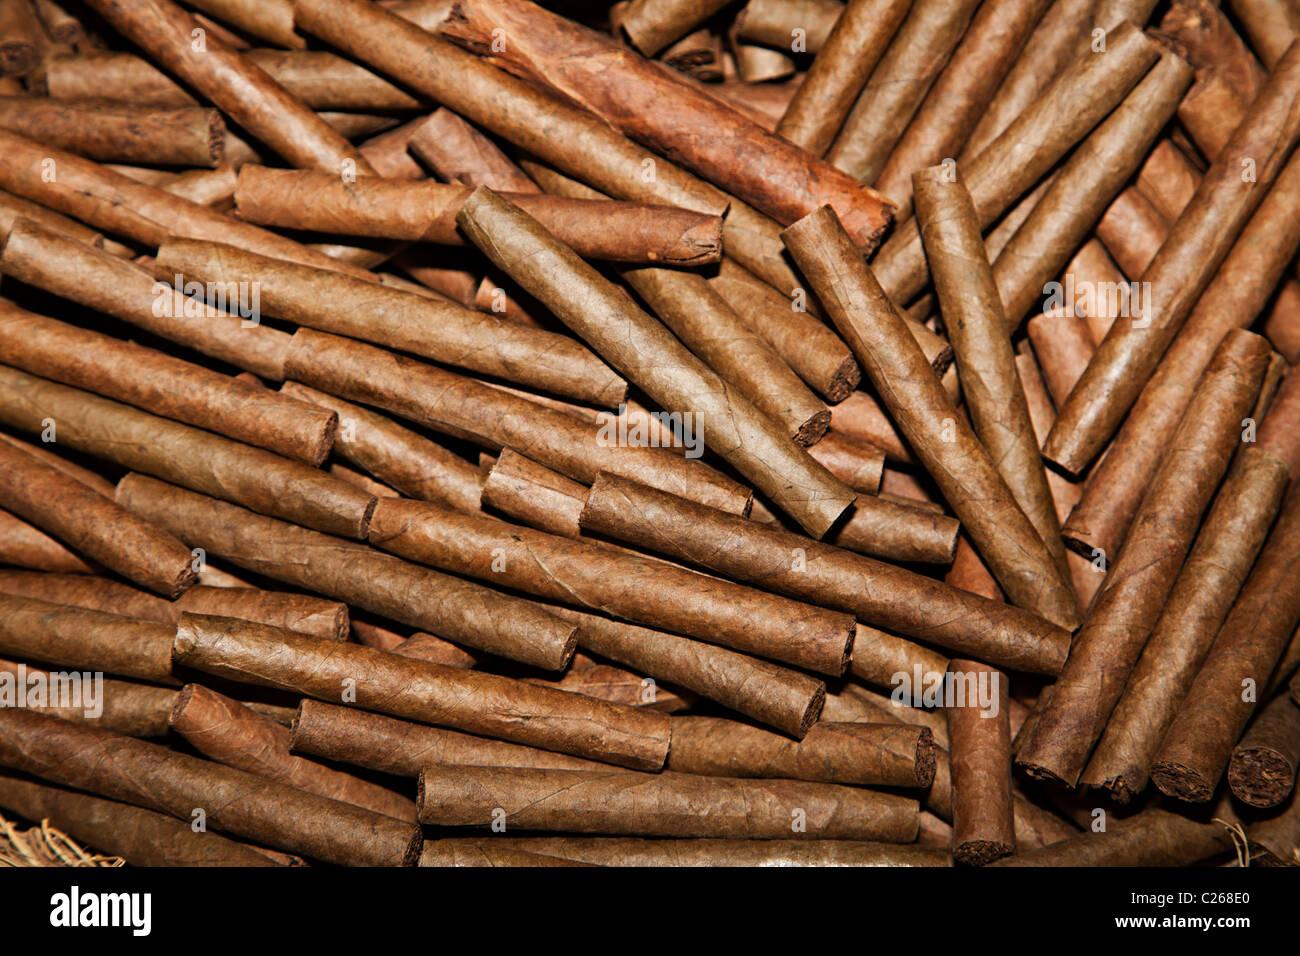 Zigarren hergestellt bereit zum Verpacken von Andorra Stockbild